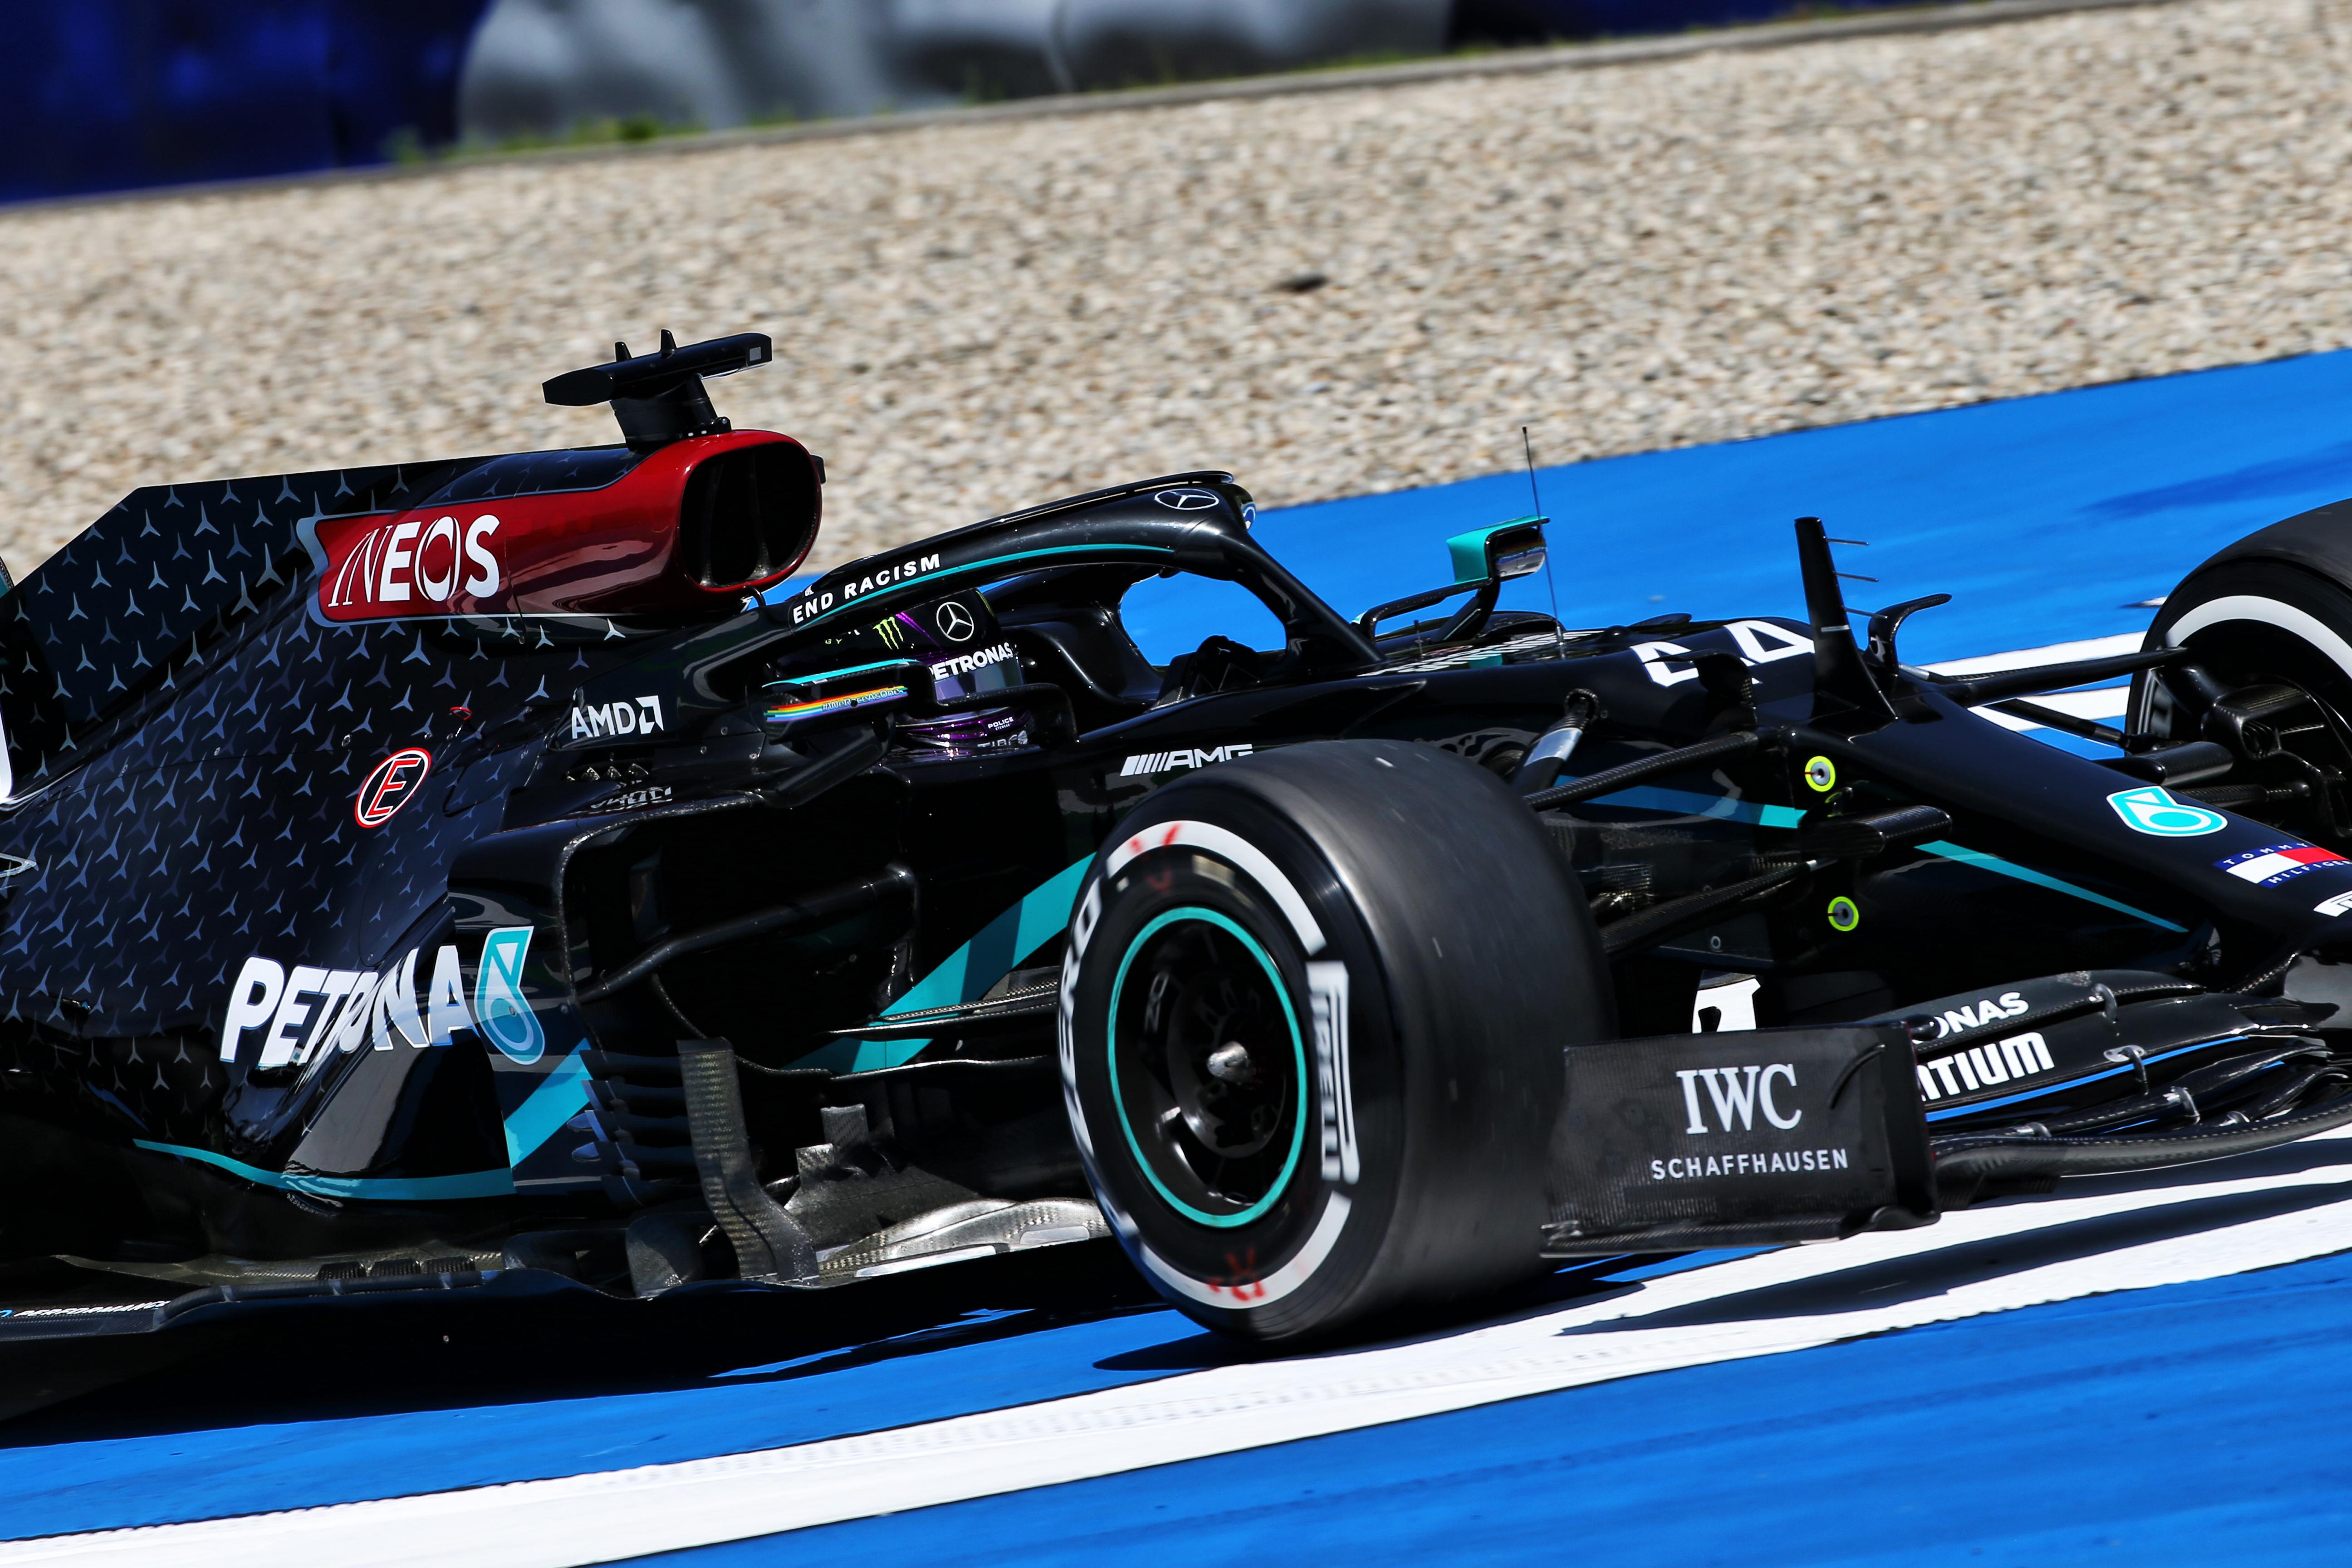 Lewis Hamilton Mercedes Styrian Grand Prix 2020